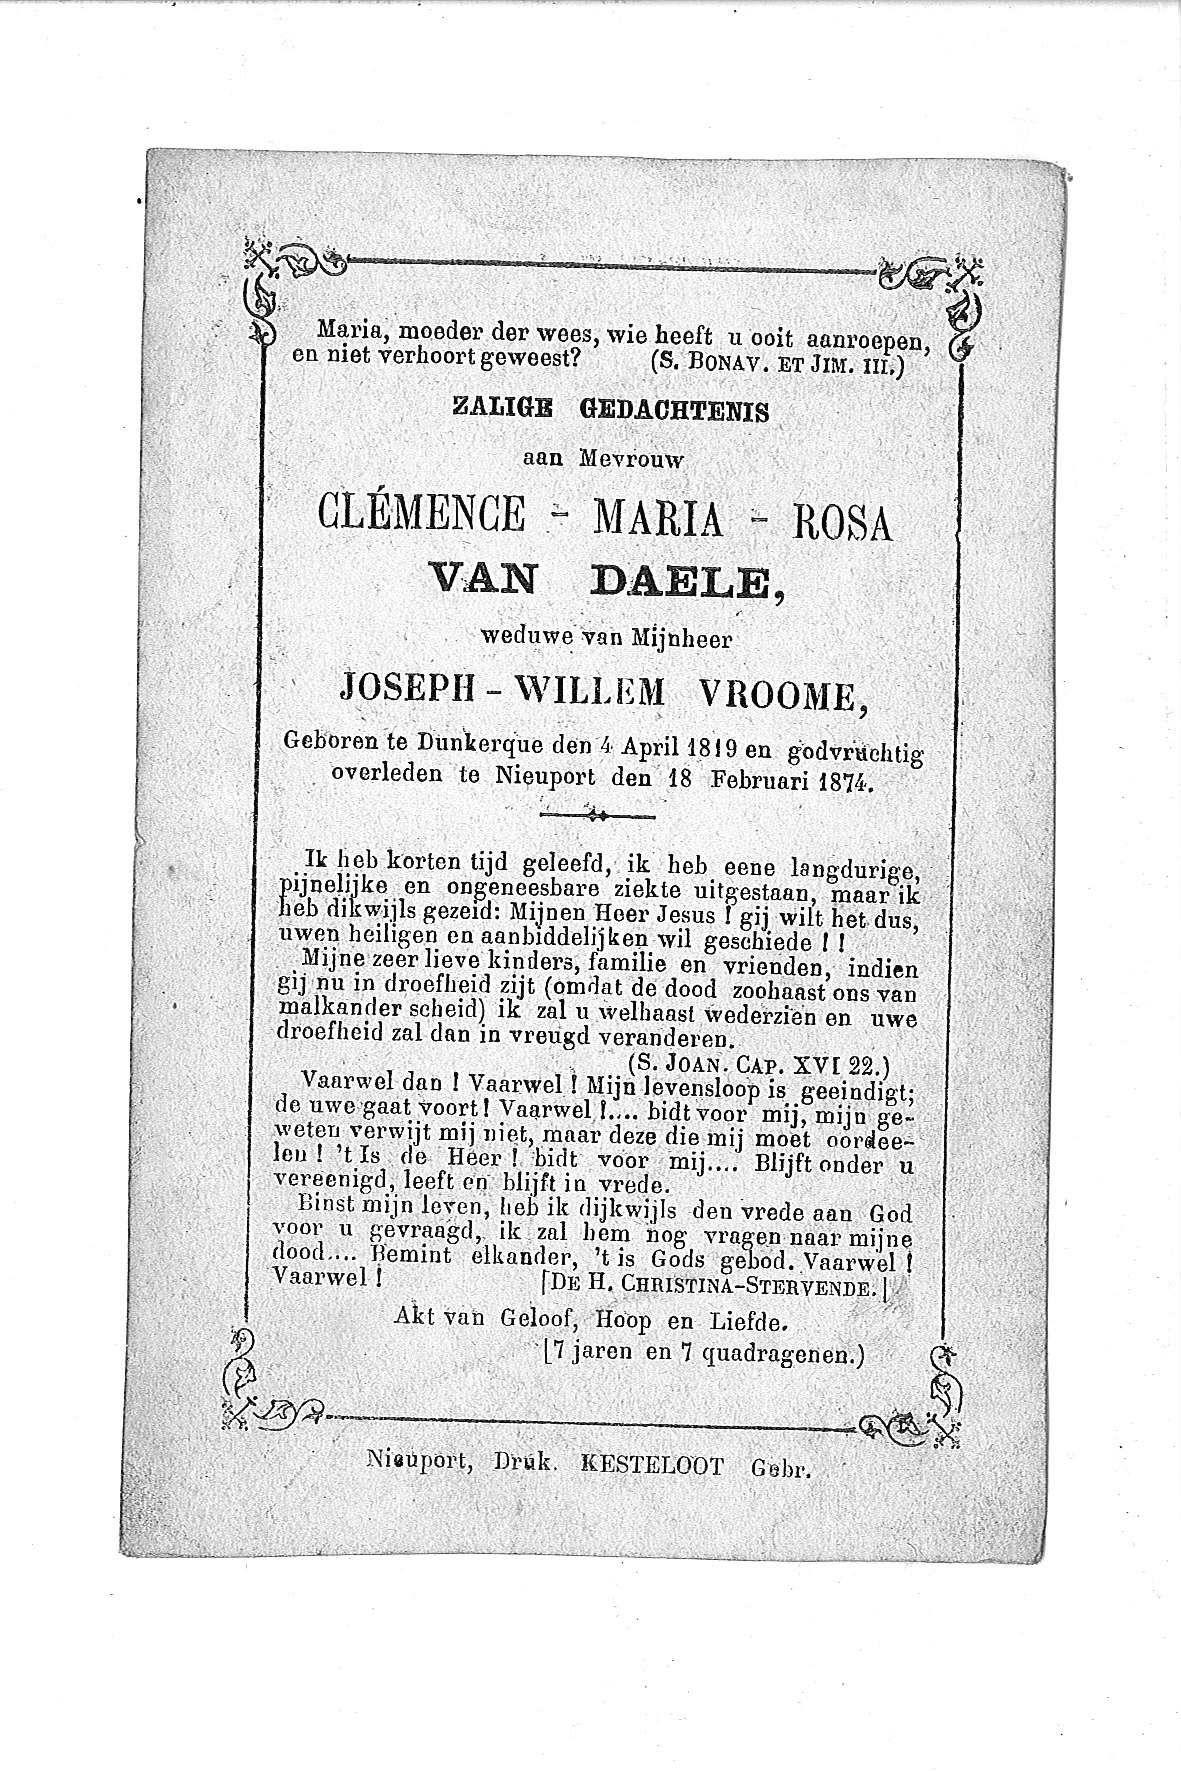 Clémence-Maria-Rosa(1874)20091211101053_00005.jpg